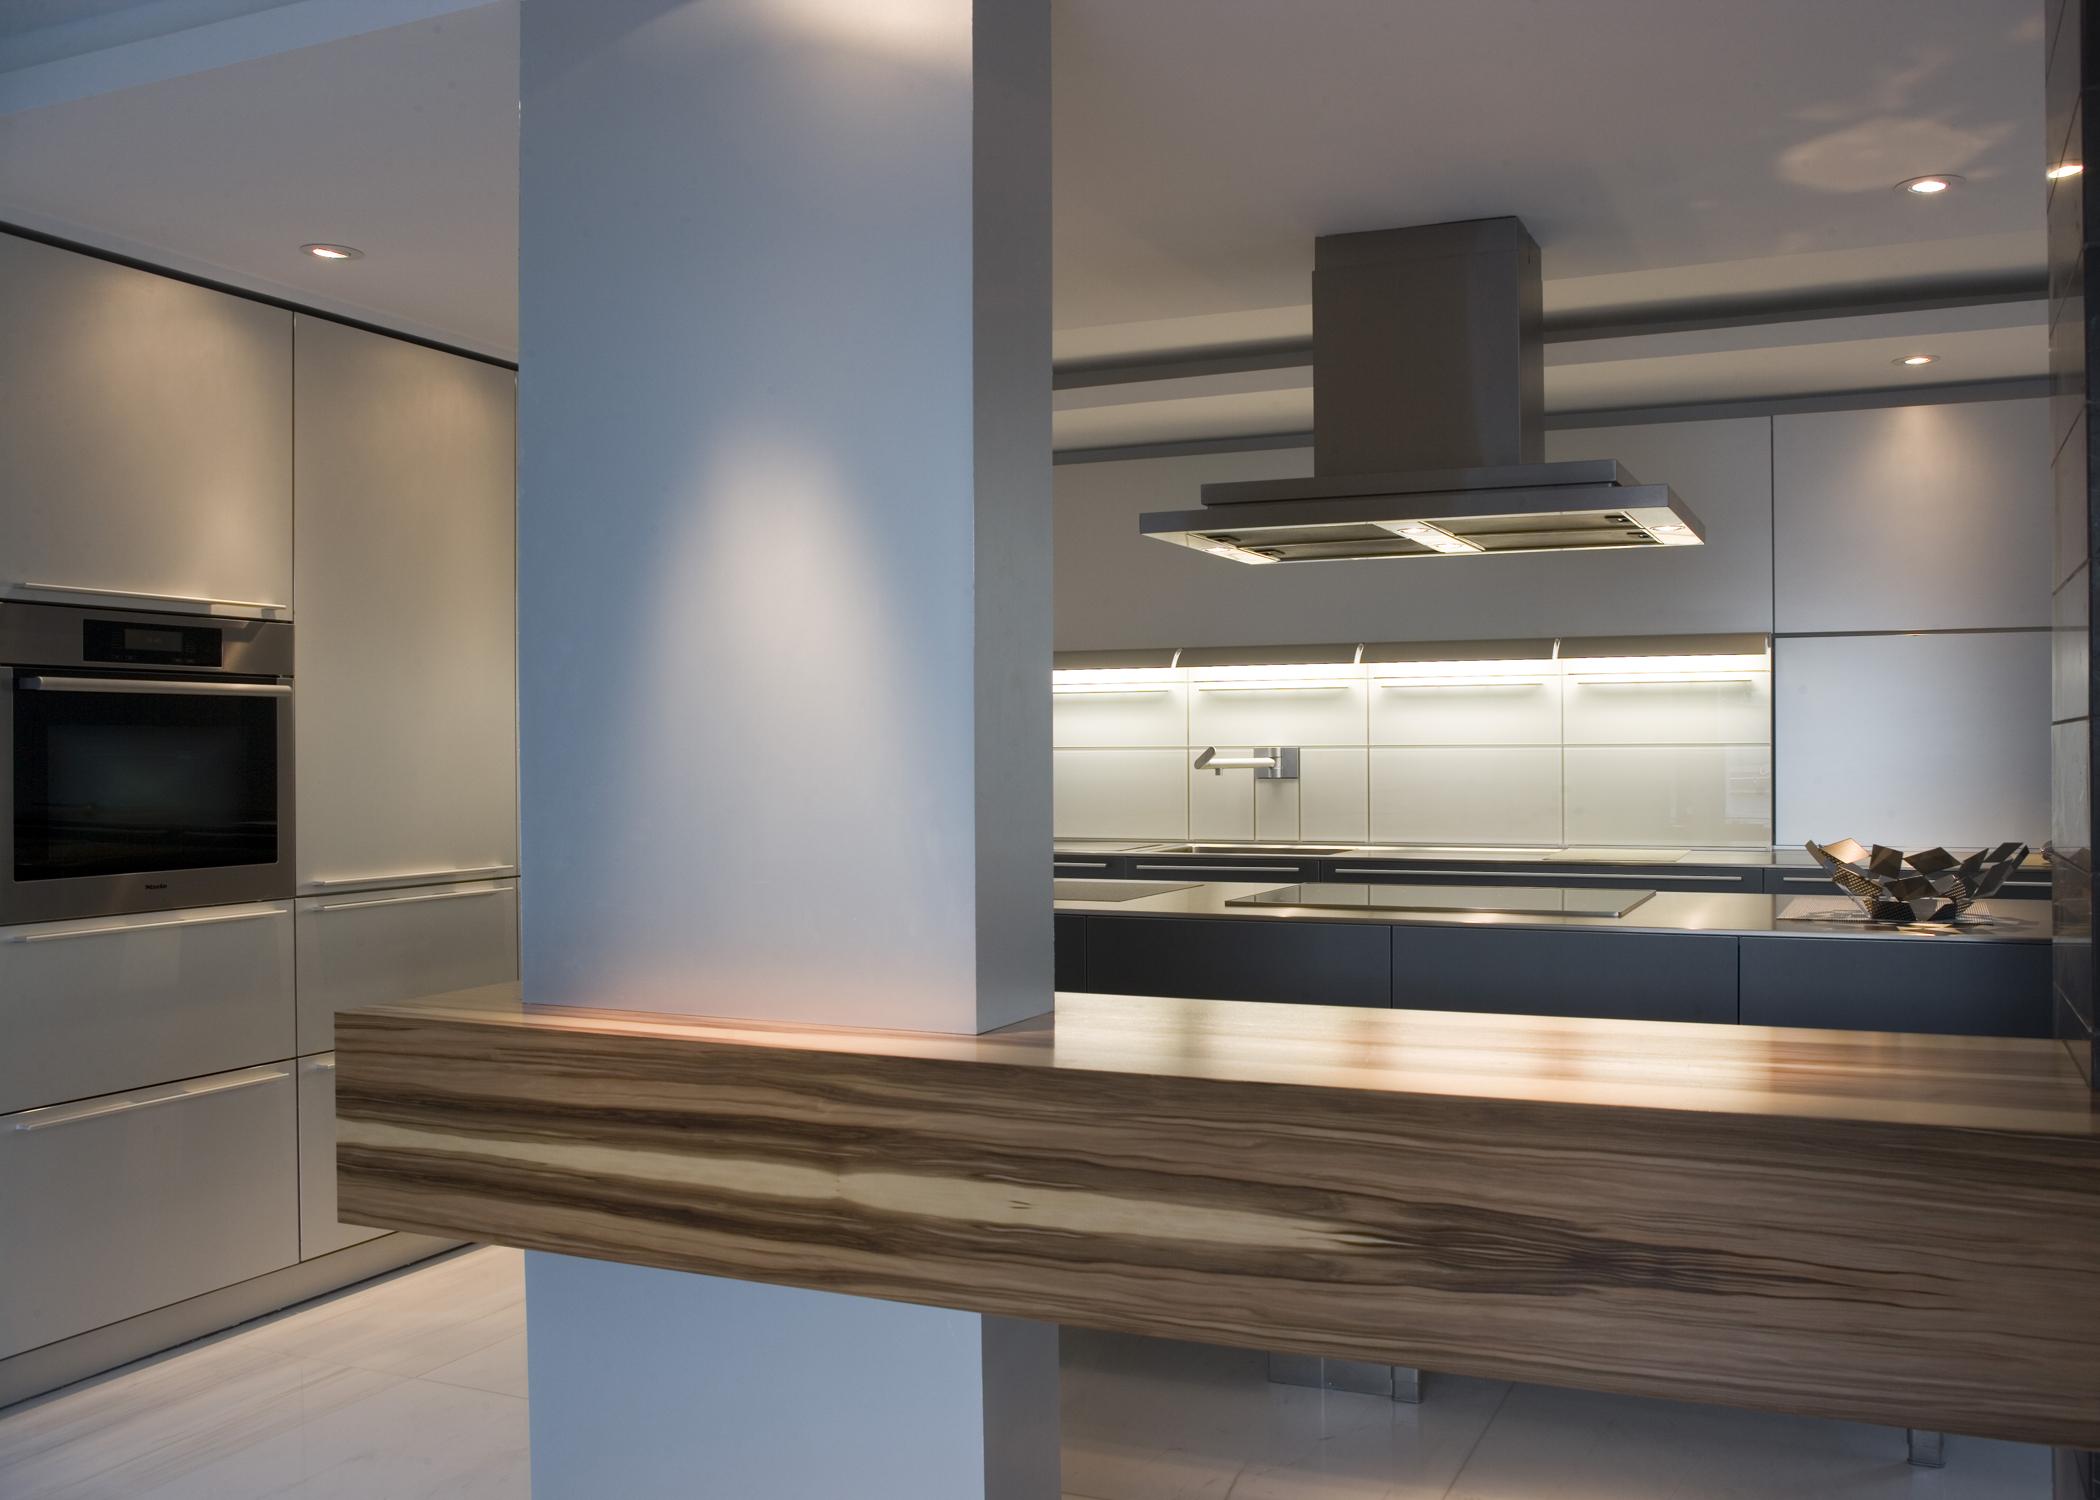 Georgetown contemporary kitchen